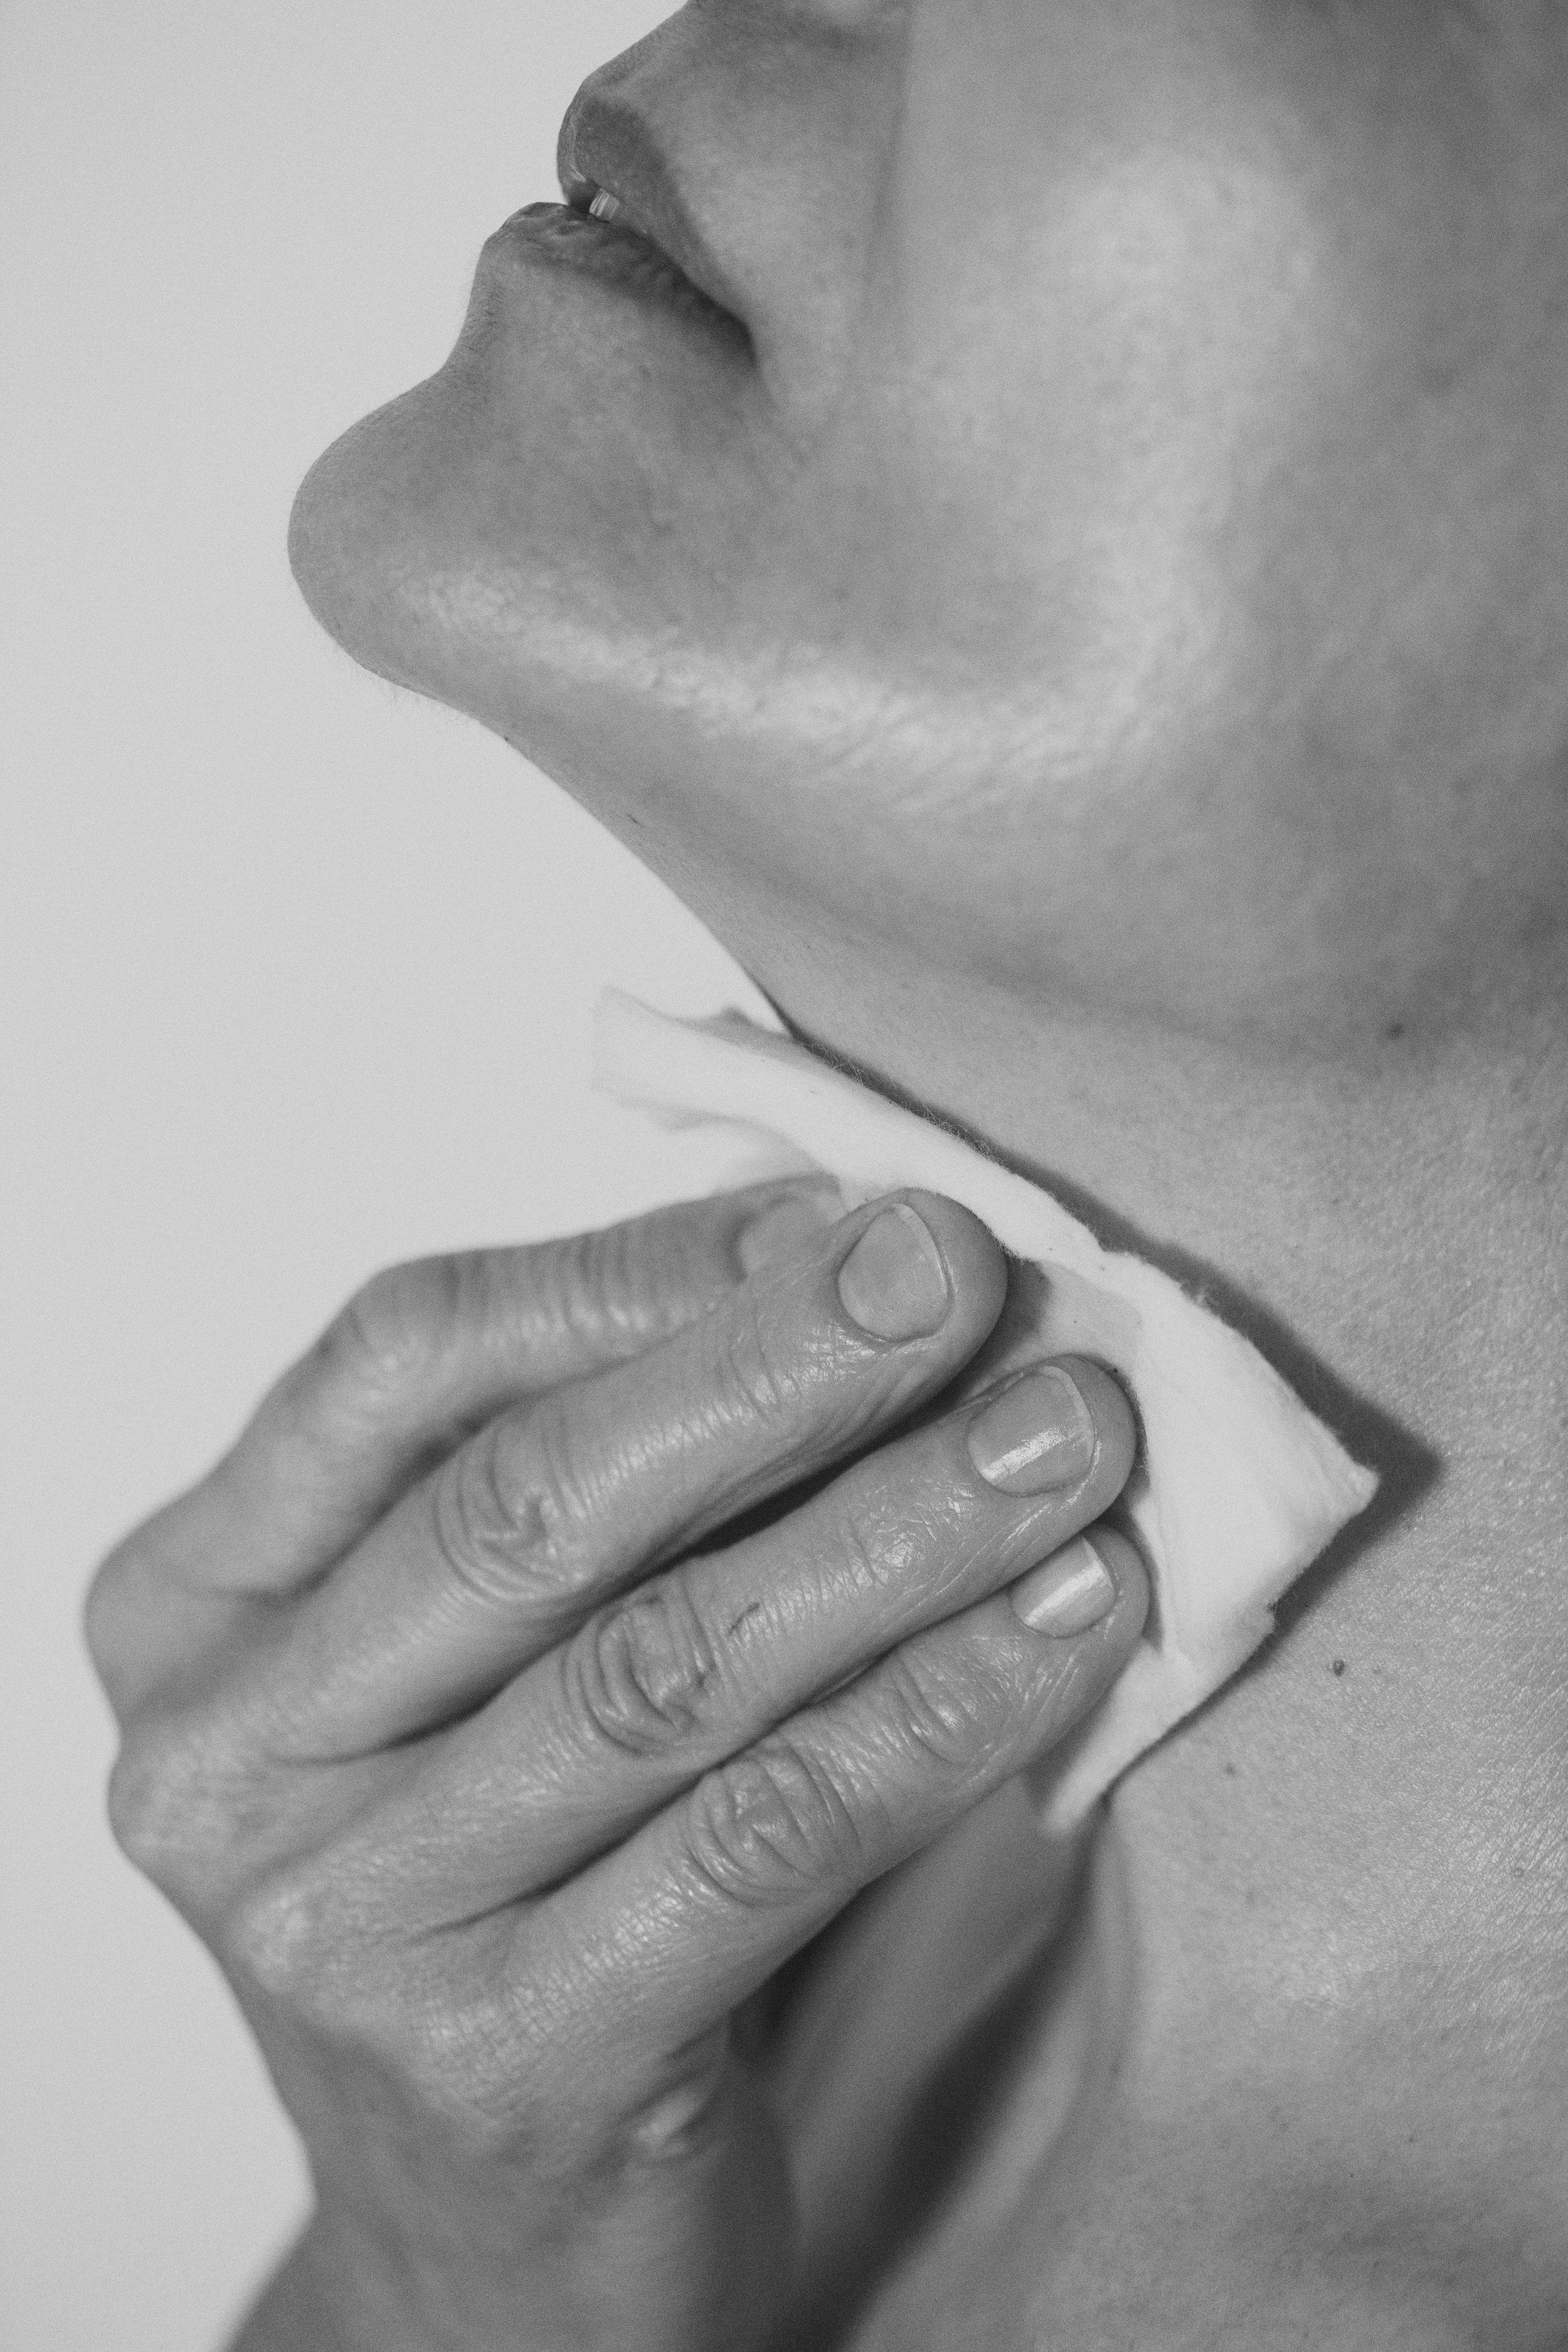 - Muchas veces se nos olvida darle a la piel del cuello y del escote el cuidado que necesita, estas son pieles mucho más finas que las del resto del cuerpo. Son zonas más propensas a secarse por eso, la aparición de arrugas es mayor.Para hacer que tu piel luzca bien, a la hora de aplicarte el tónico, el serum y la crema siempre favorece realizar masajes de manera ascendente; desde la zona baja de tu escote hasta tu mentón utilizando la yema de tus dedos. También podemos masajear desde el centro de nuestro cuello hacia la nuca.Puedes realizar estos movimientos añadiéndolos a tus rituales nocturnos. La zona del cuello está llena de terminaciones nerviosas y tiende a cargarse y bloquearse, este es un hábito que favorece la relajación de la zona aportándonos también bienestar.La aplicación del tónico es muy sencilla.Es importante tener el rostro limpio y libre de residuos. Para aplicarlo te recomendamos humedecer un disco y pasarlo suavemente por el rostro con ligeros toques. De esta manera, acondicionas la piel para poder hidratarla.También lo puedes usar para refrescar la piel durante el día.